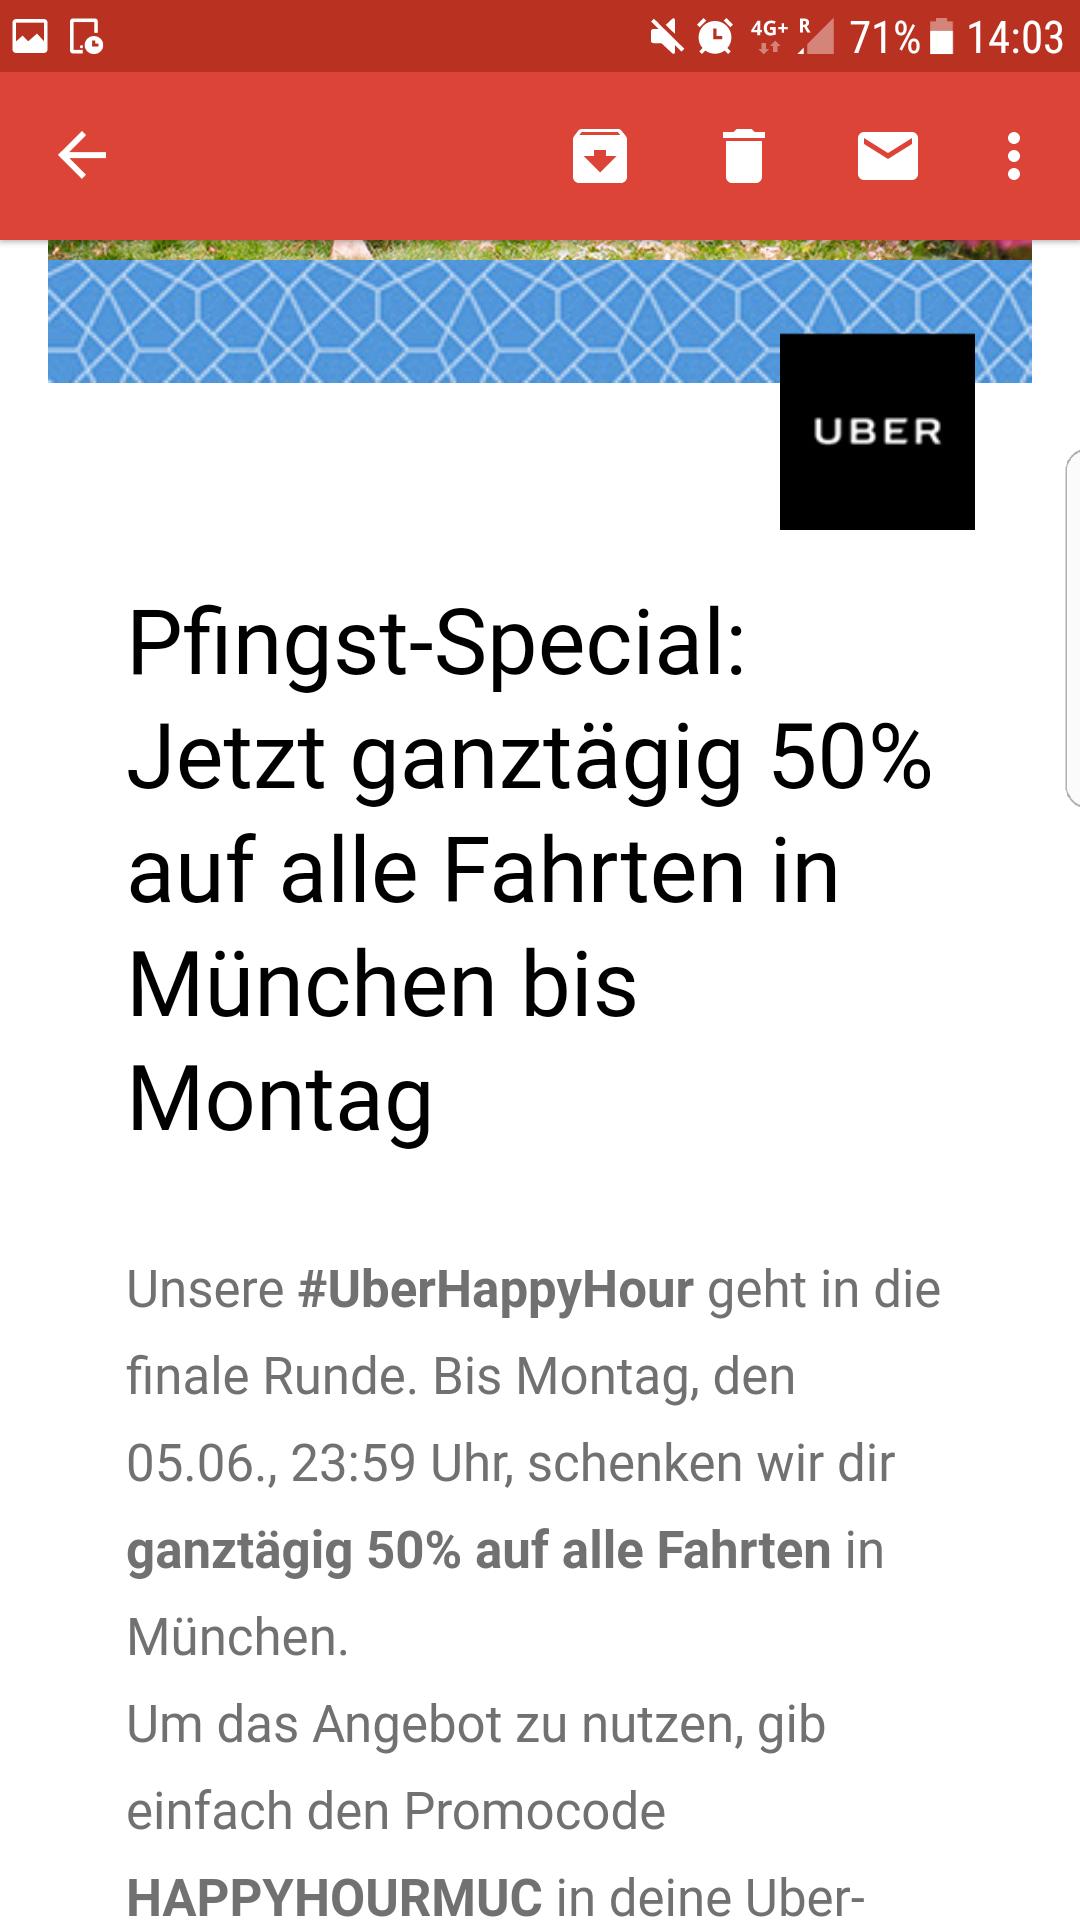 [München] 50% auf Fahrten mit Uber bis inkl. Montag